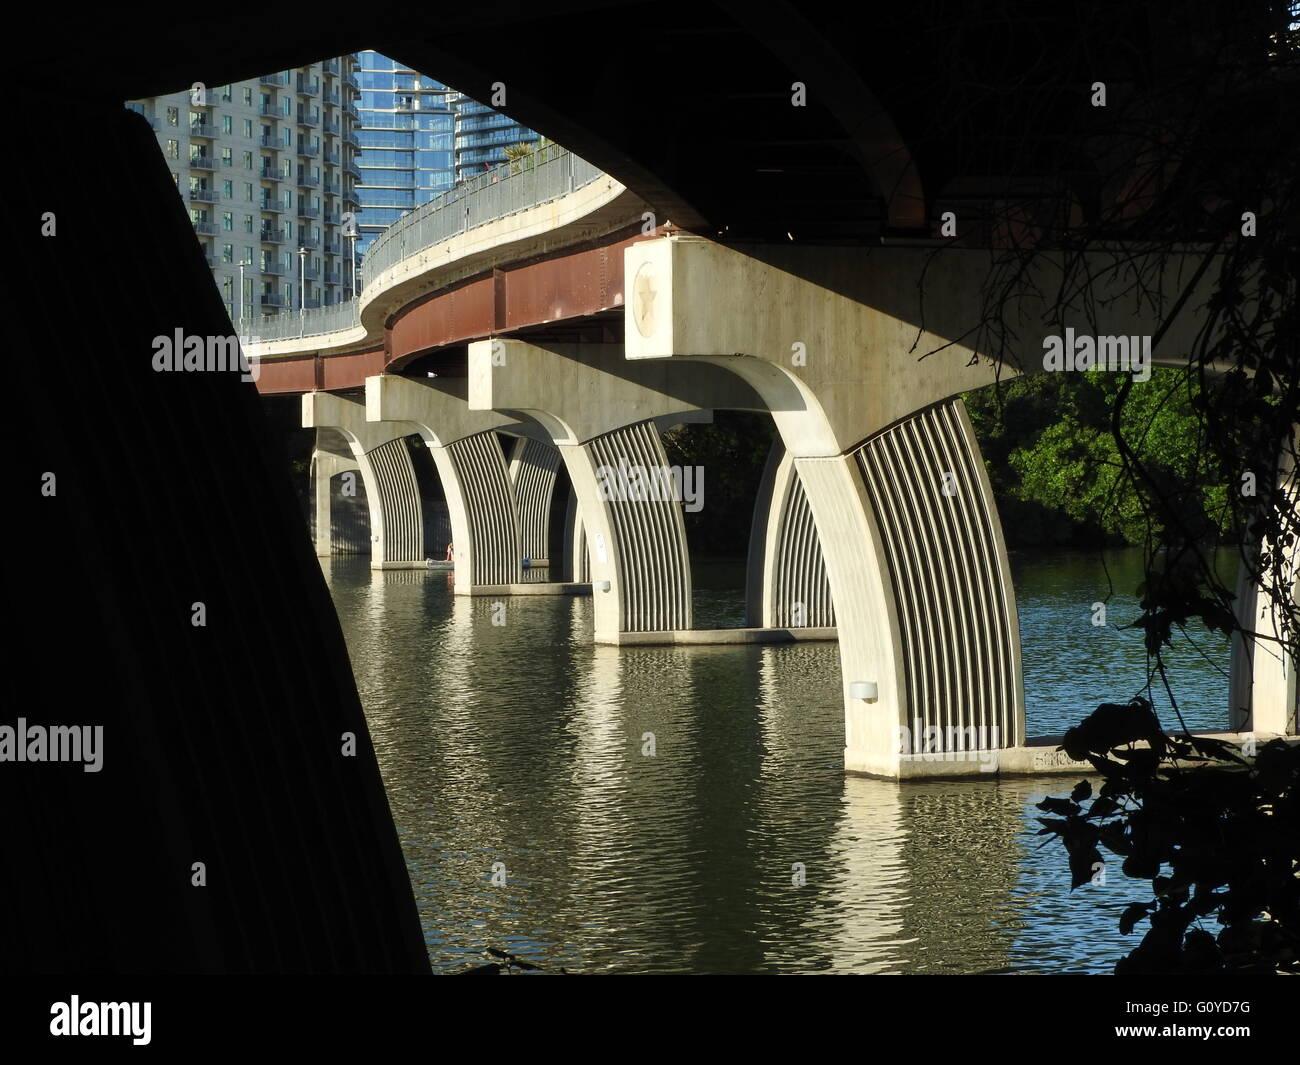 Diese Brücke bietet angenehme Wiederholung und Kurven. Stockbild